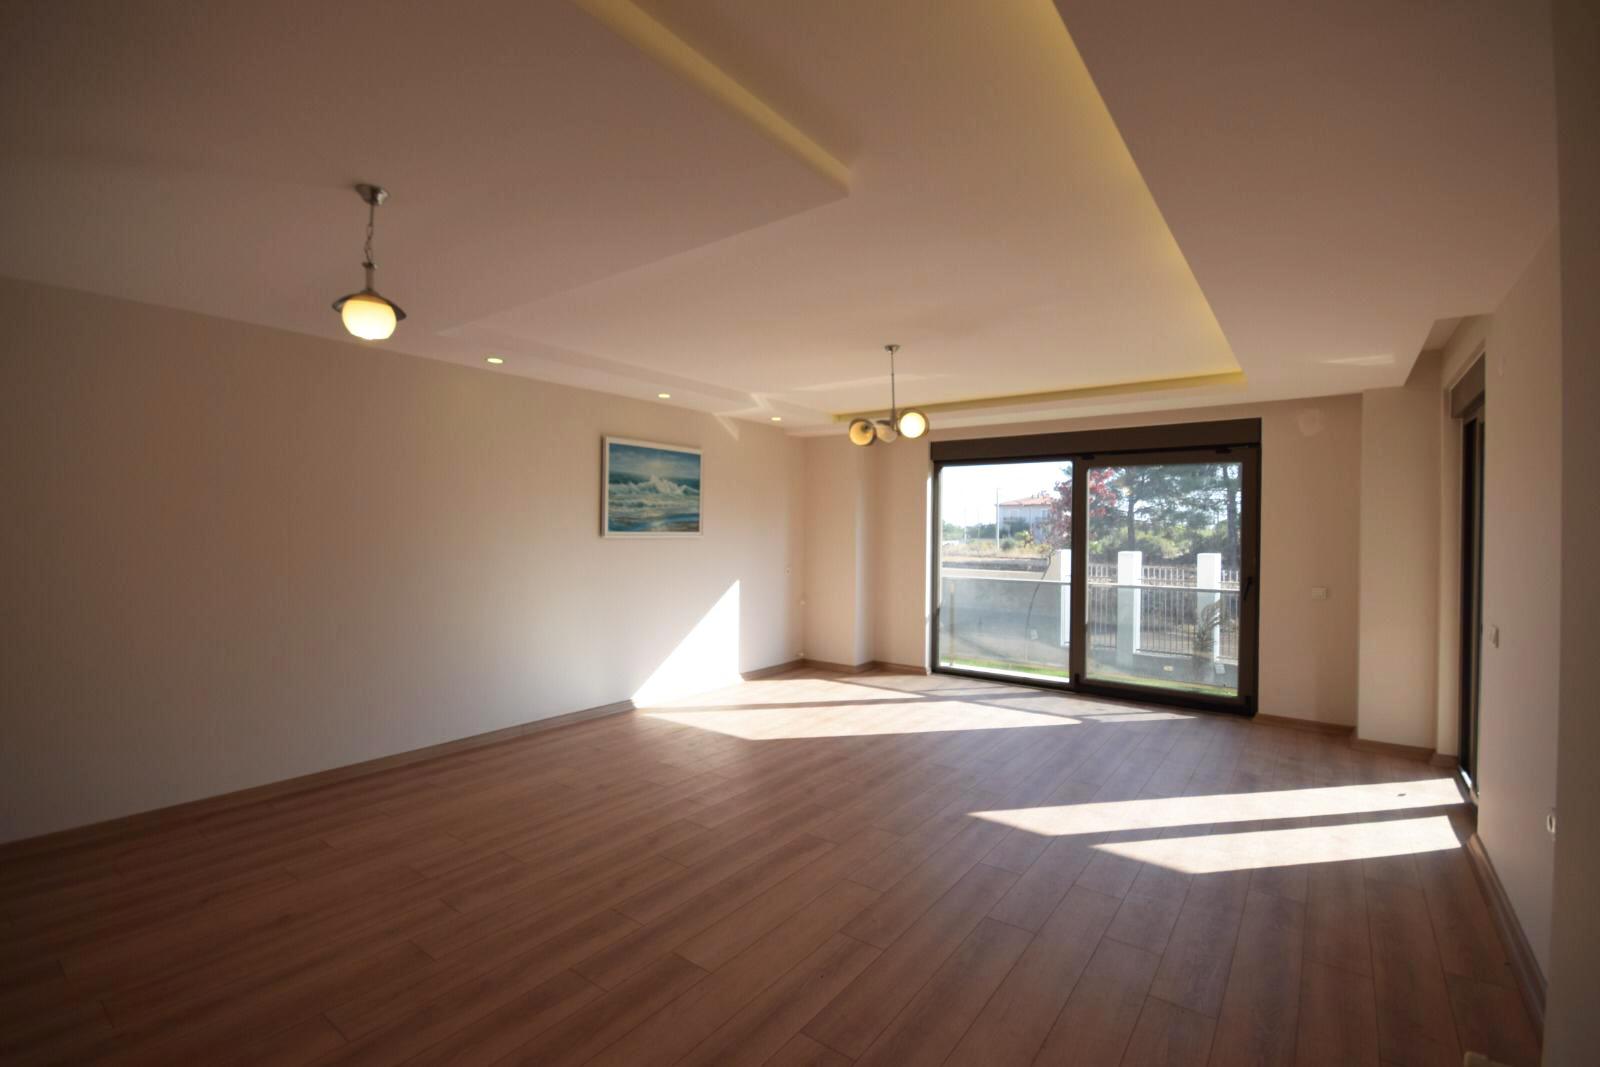 Продаются квартиры в жилом комплексе 3+1 - Фото 22